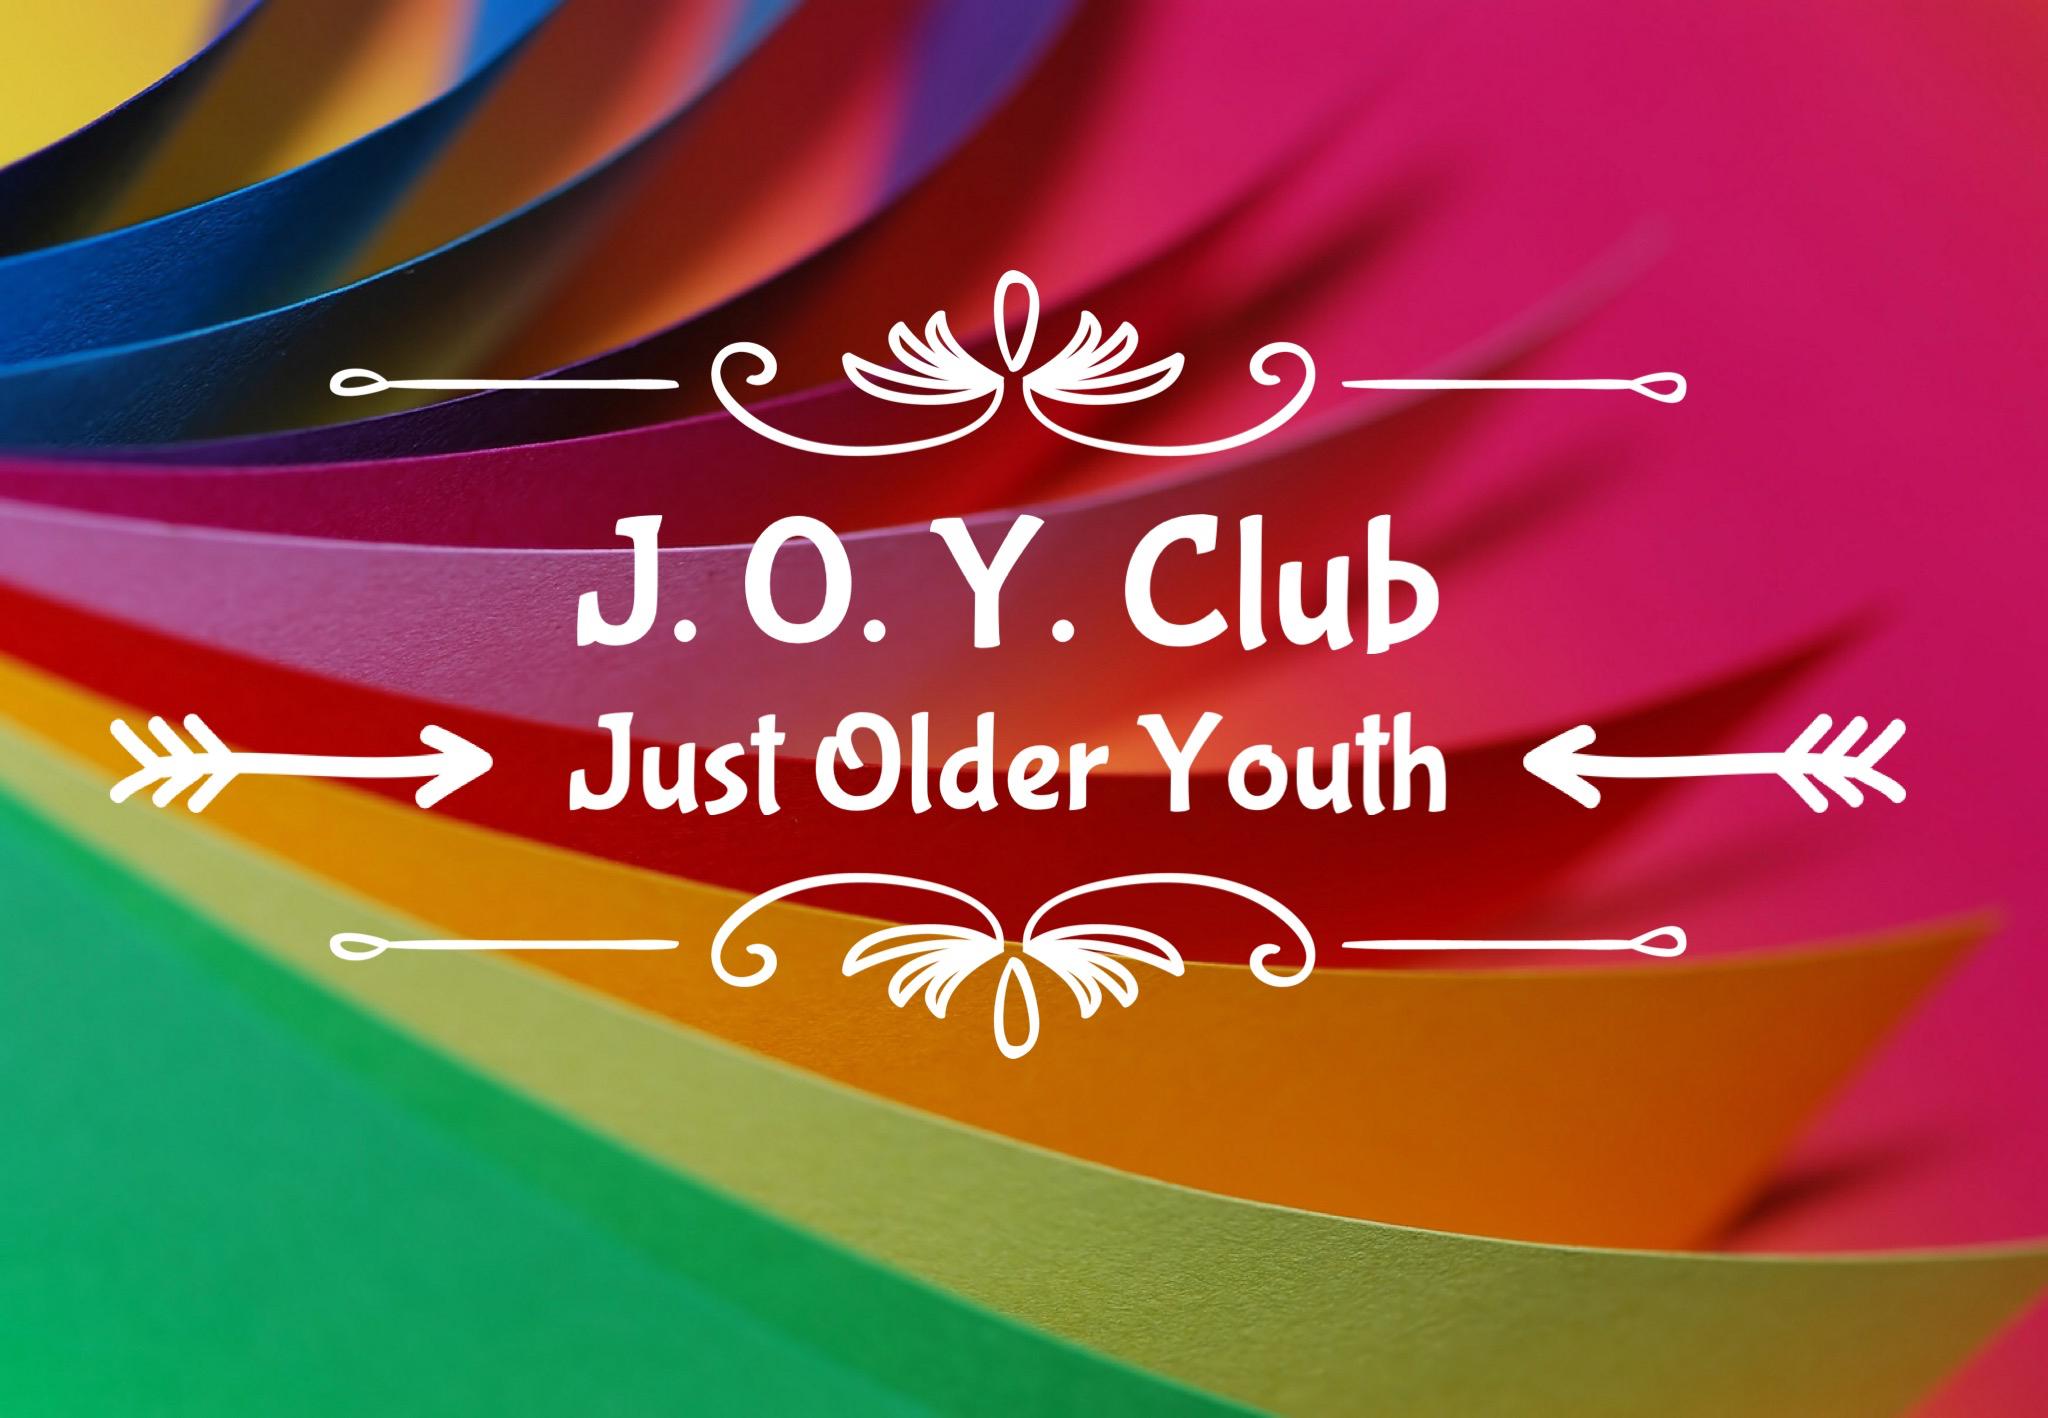 JOY Club general